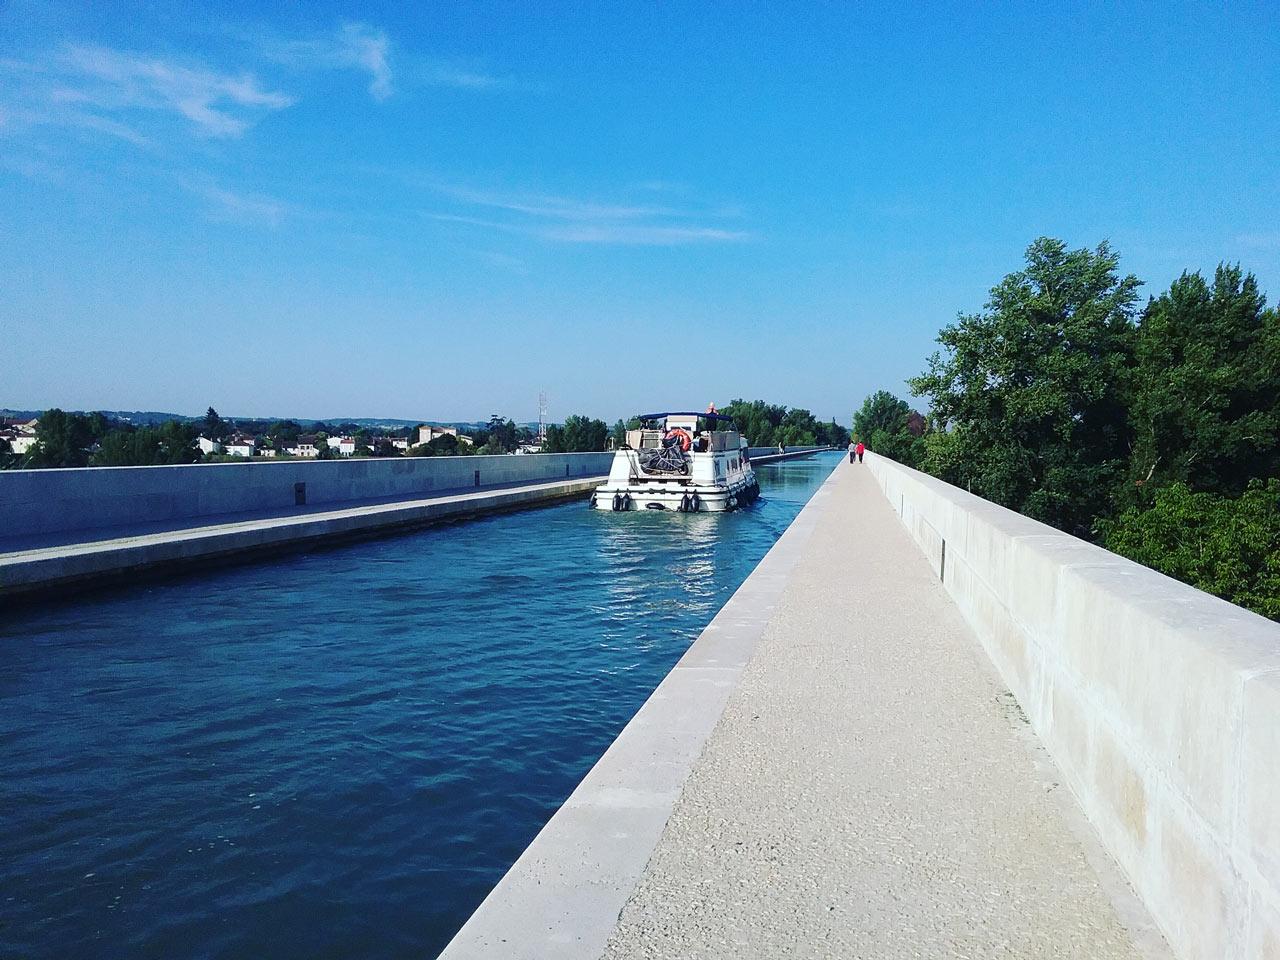 agen-pont-canal-destination-agen-tourisme-(1)